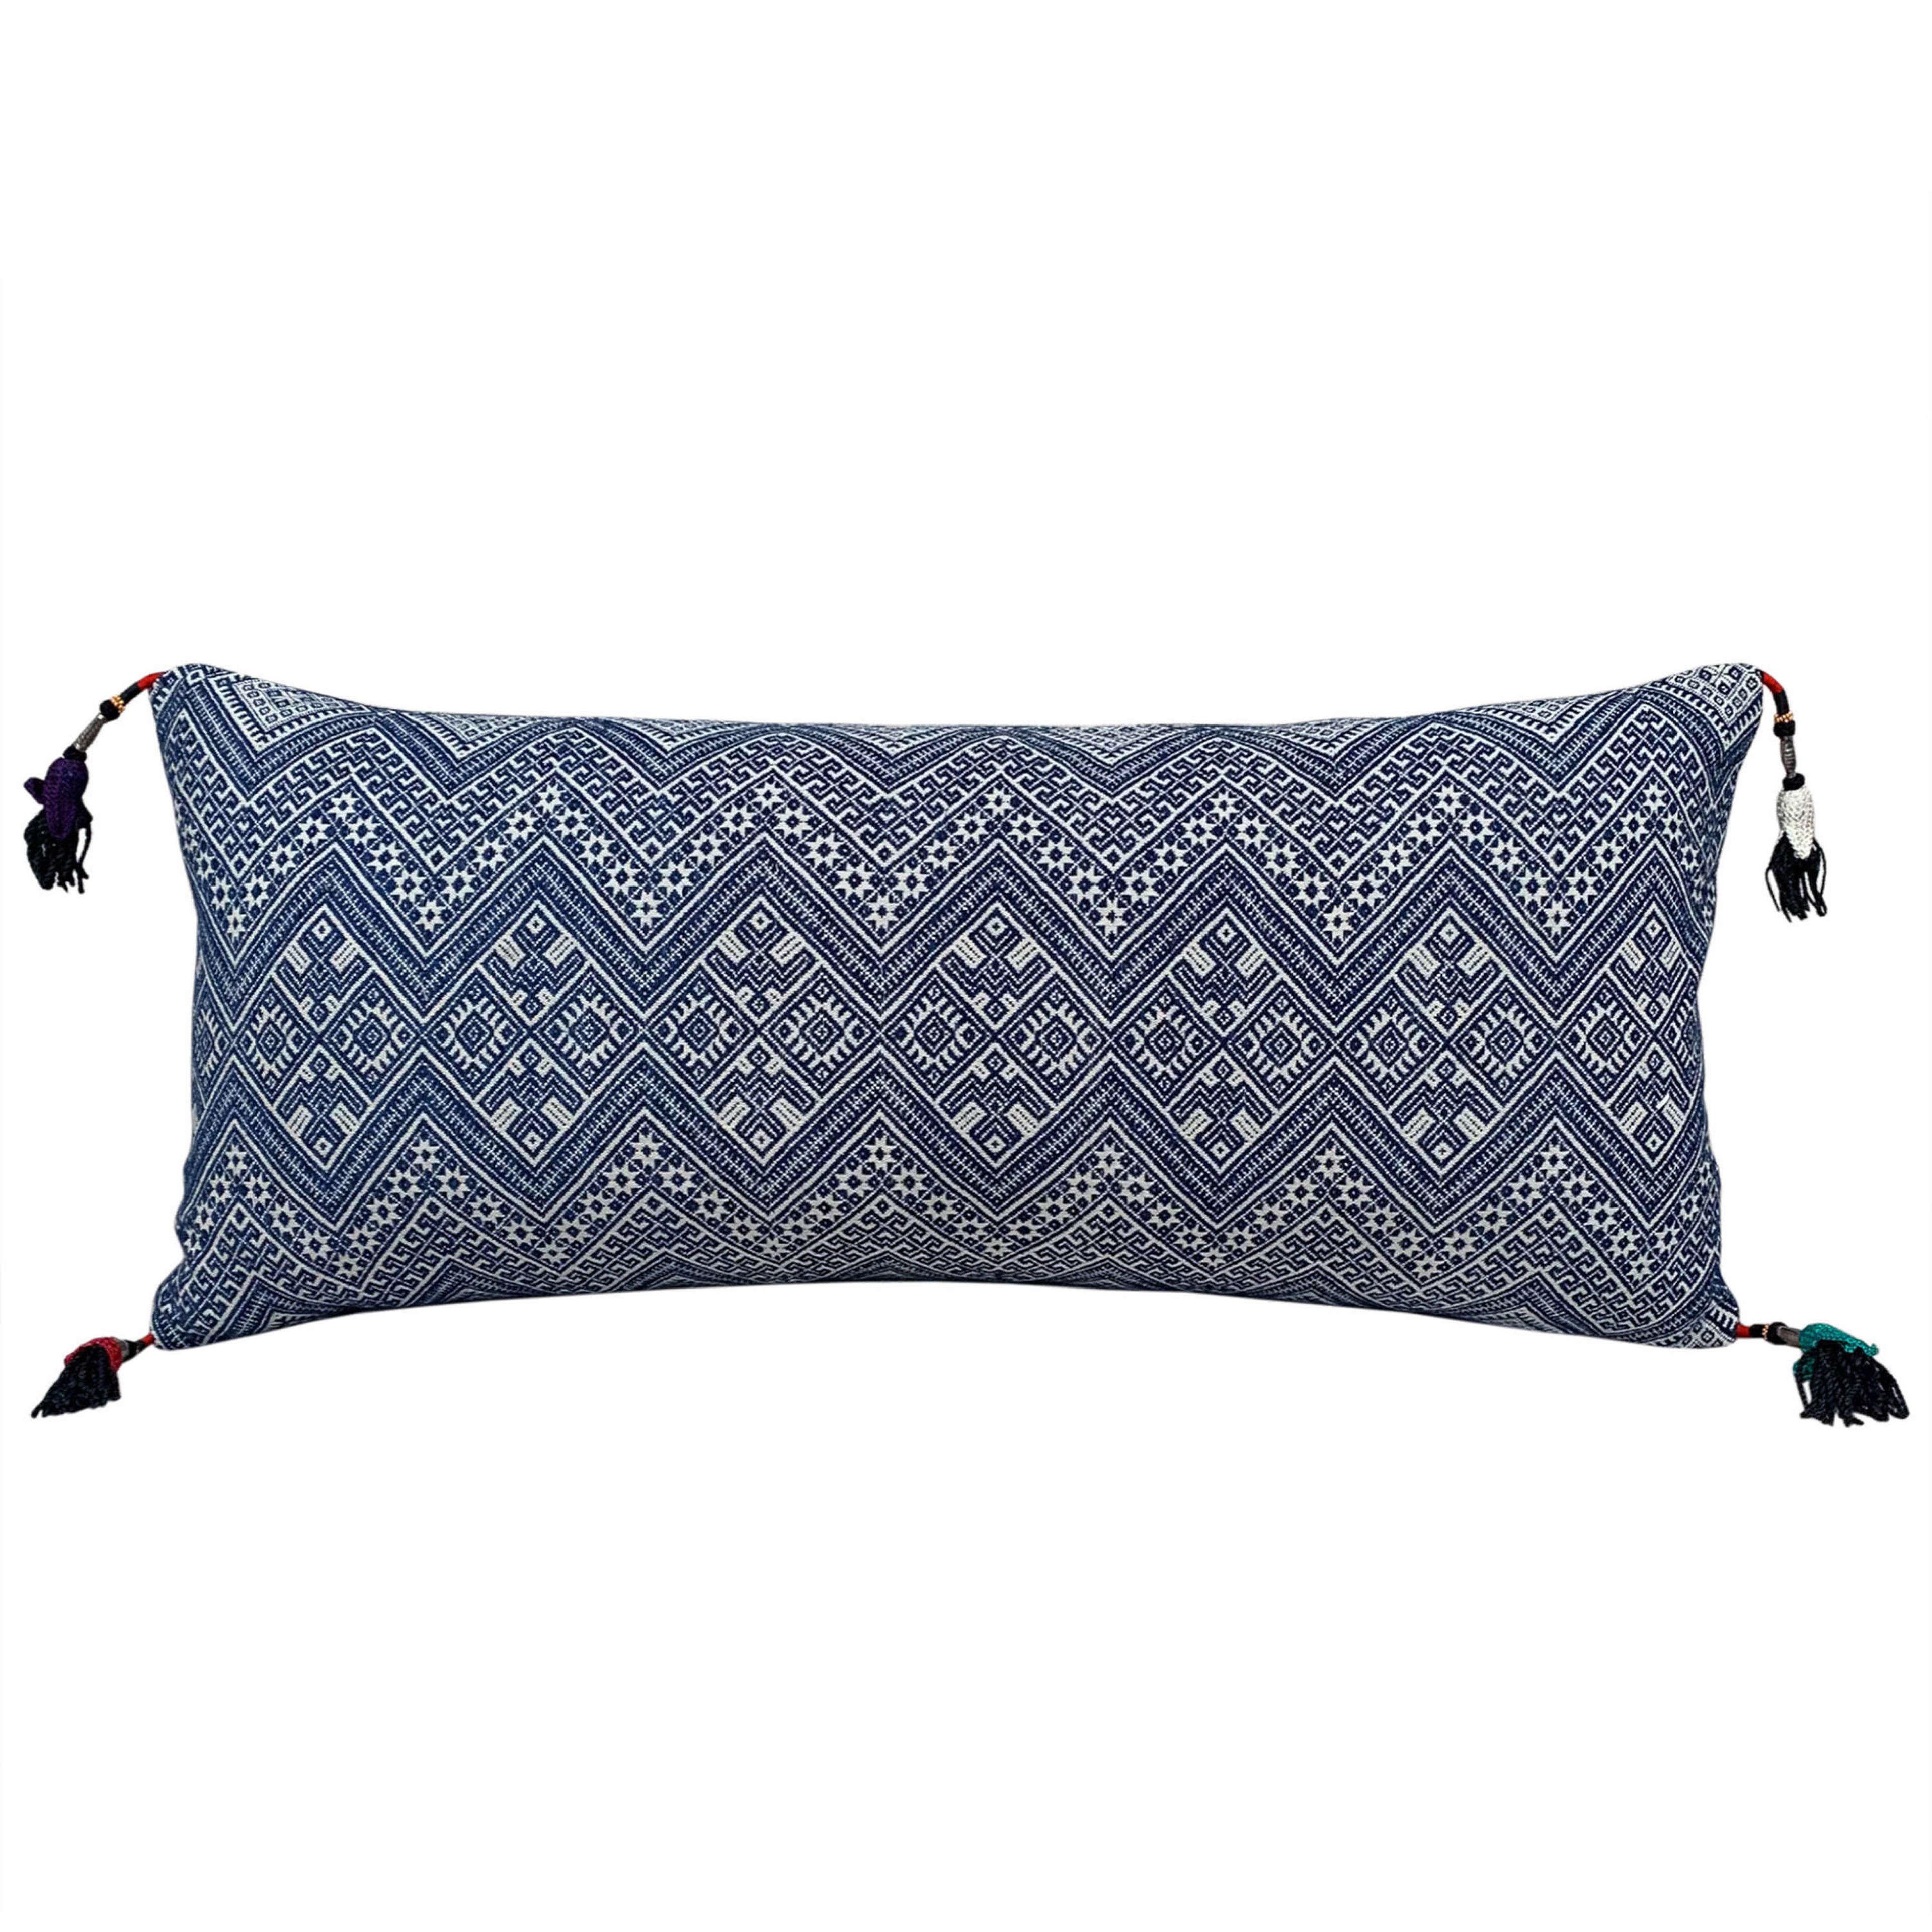 Indigo Dong cushions with Uzbek tassels